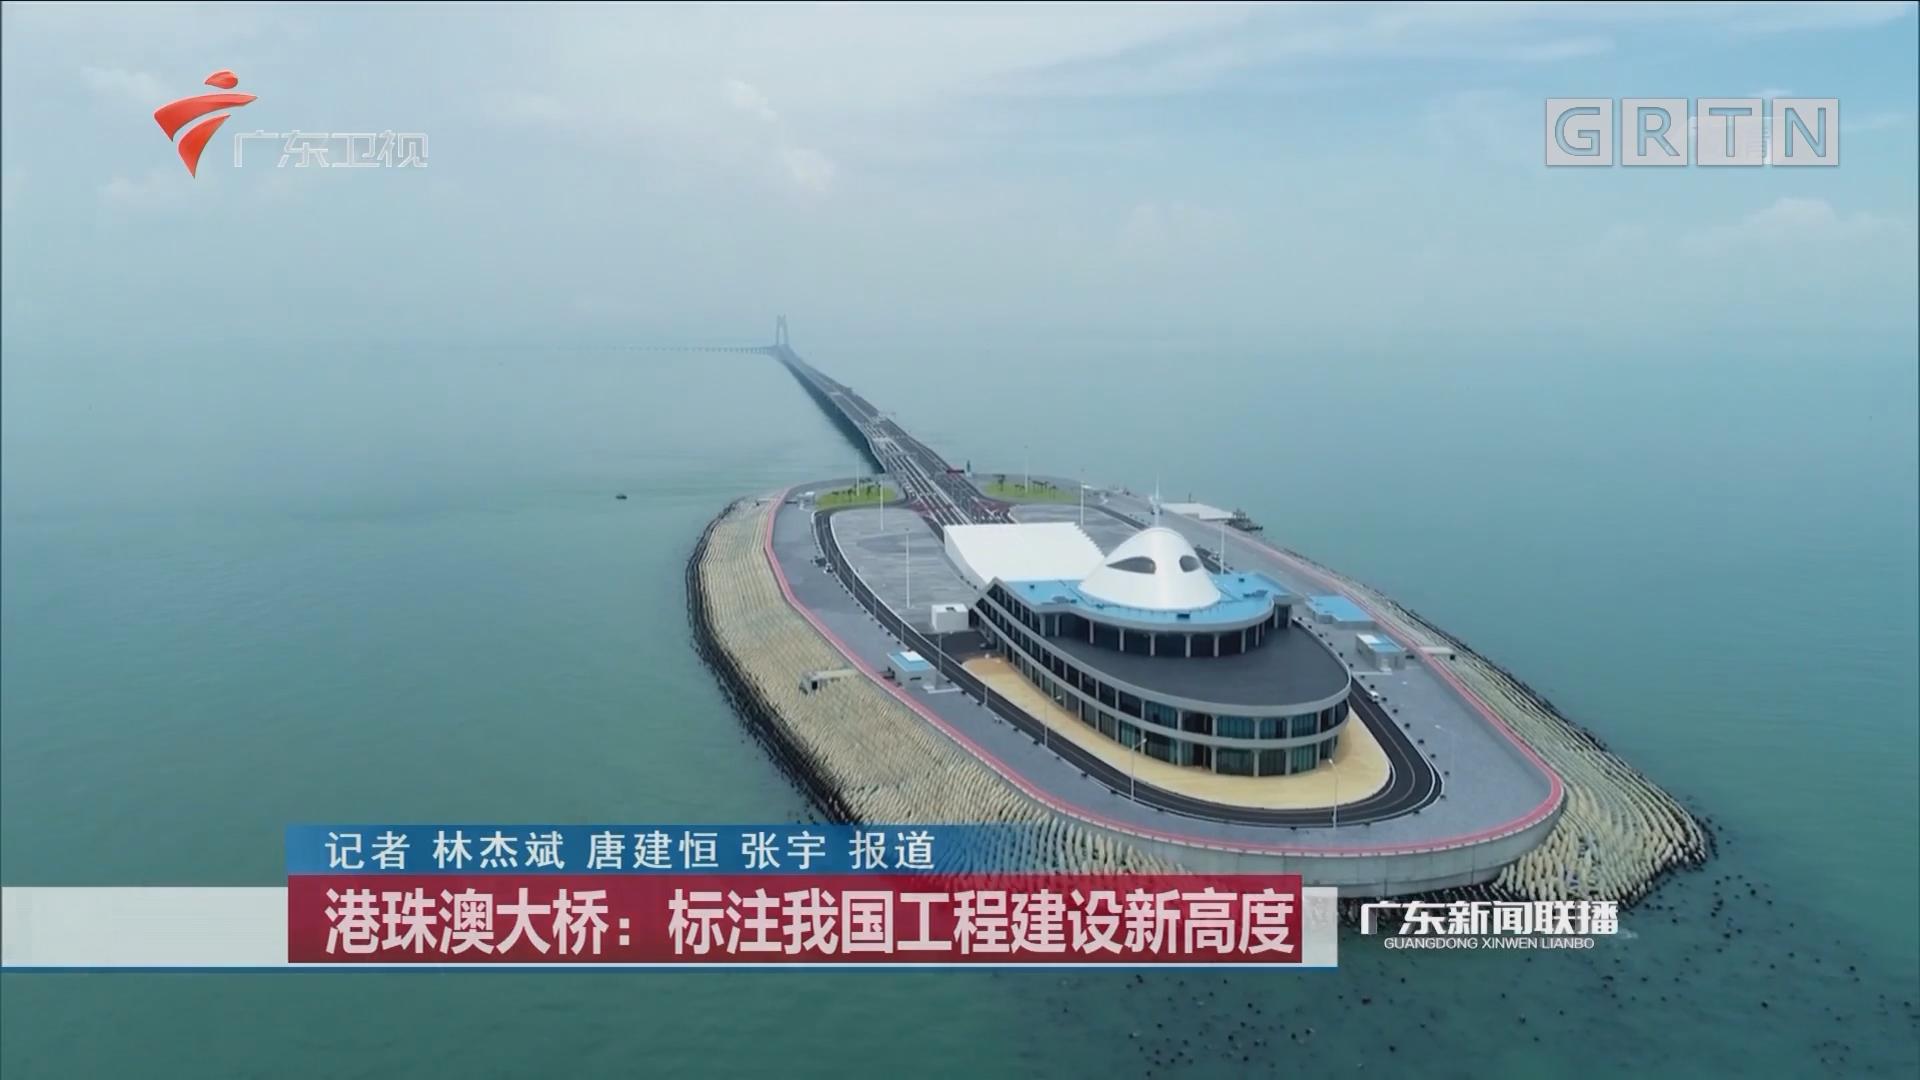 港珠澳大桥:标注我国工程建设新高度